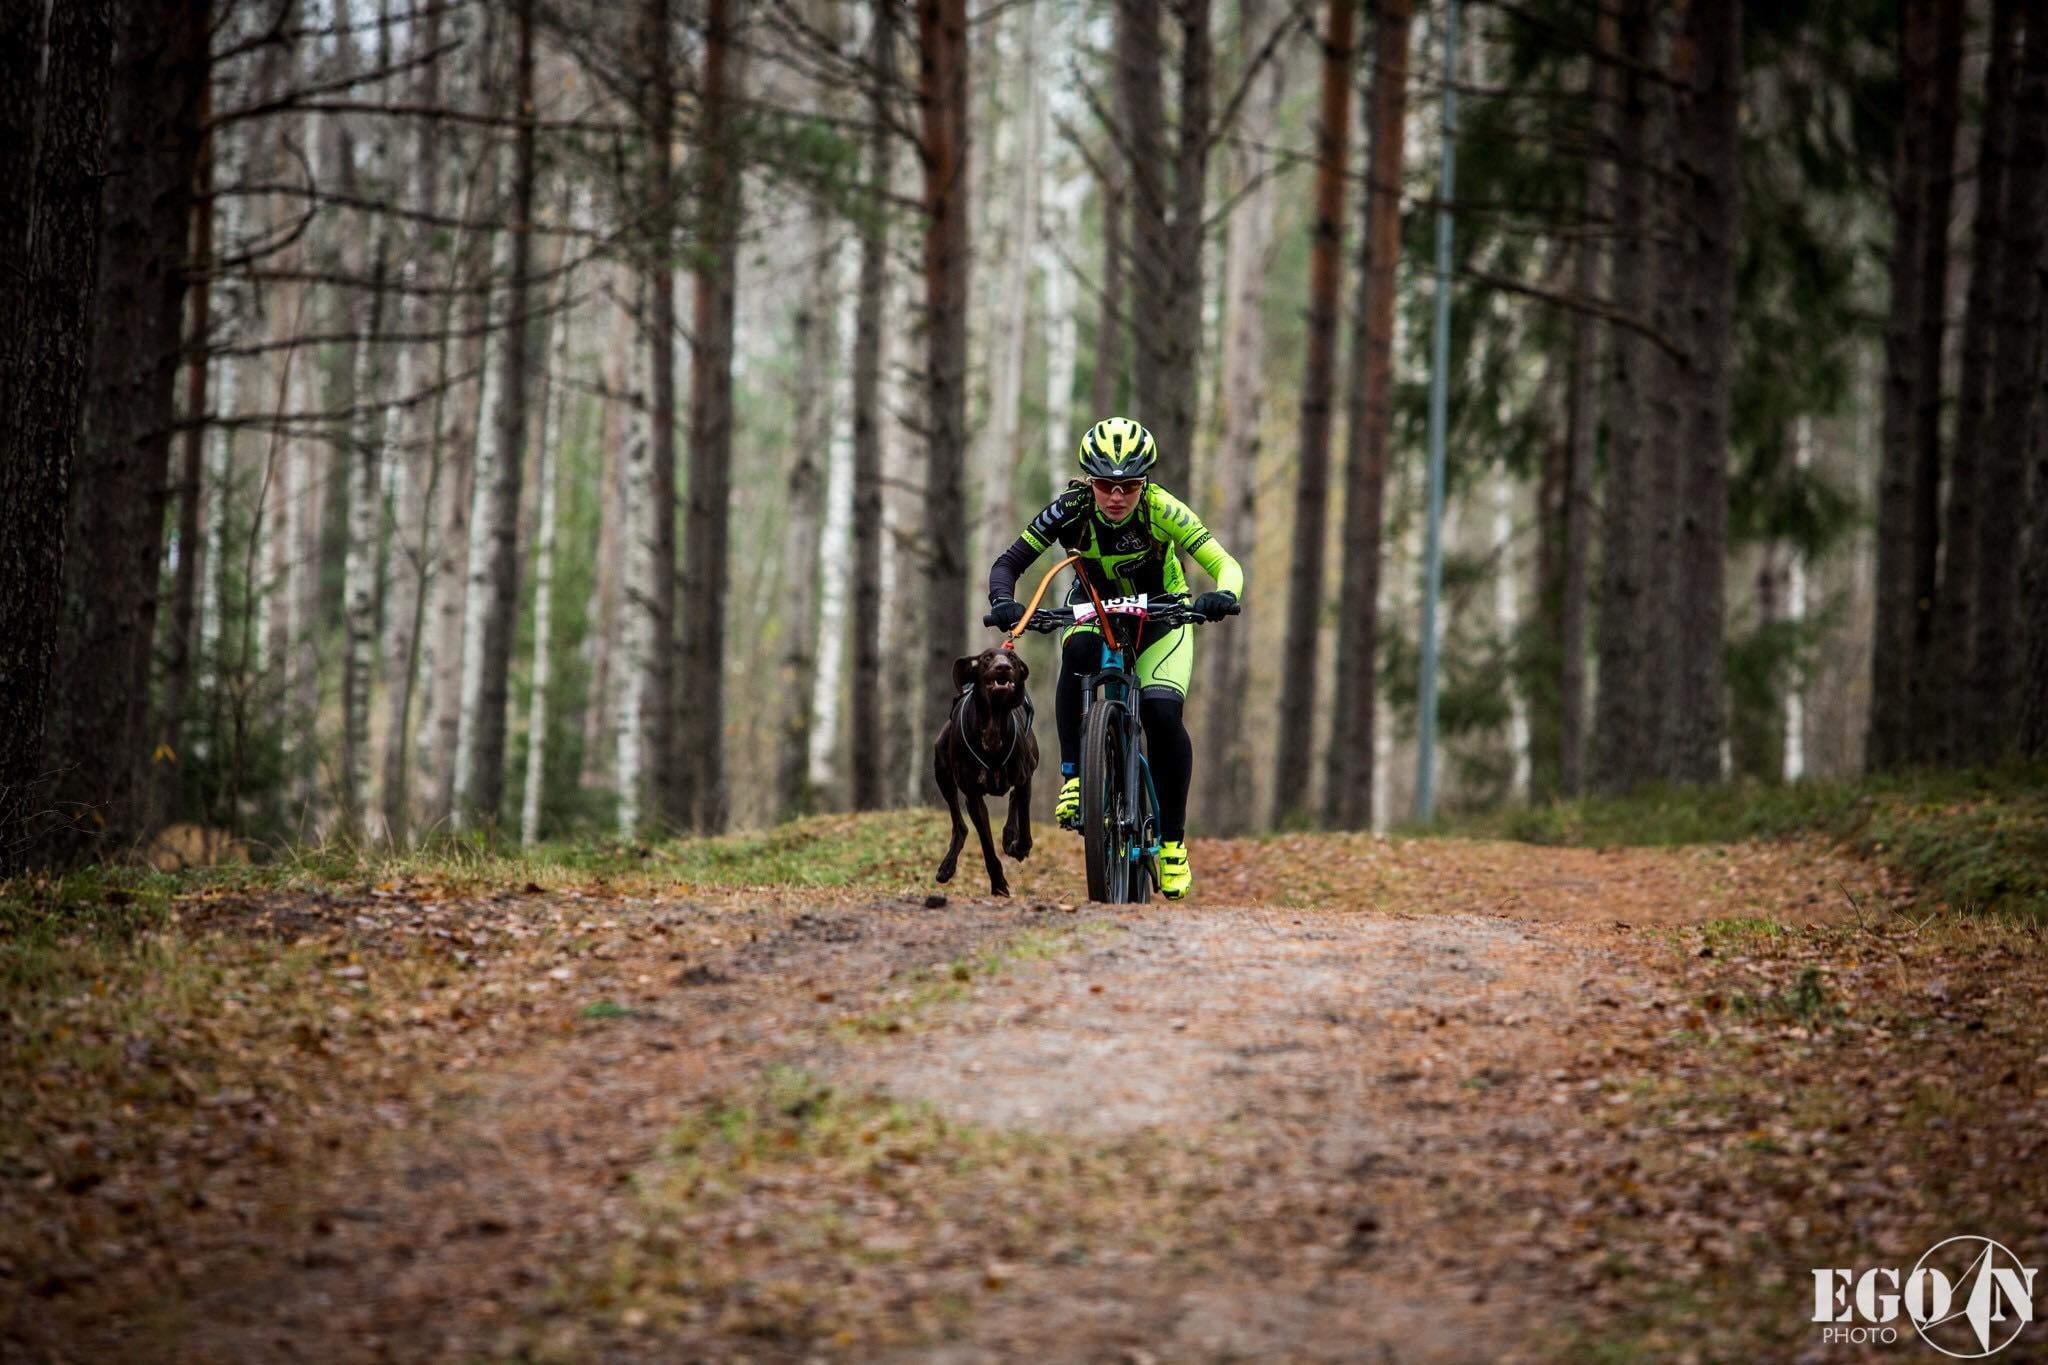 Kisaraportti koirapyöräilyn MM-kilpailuista 2019 | Traildog.fi